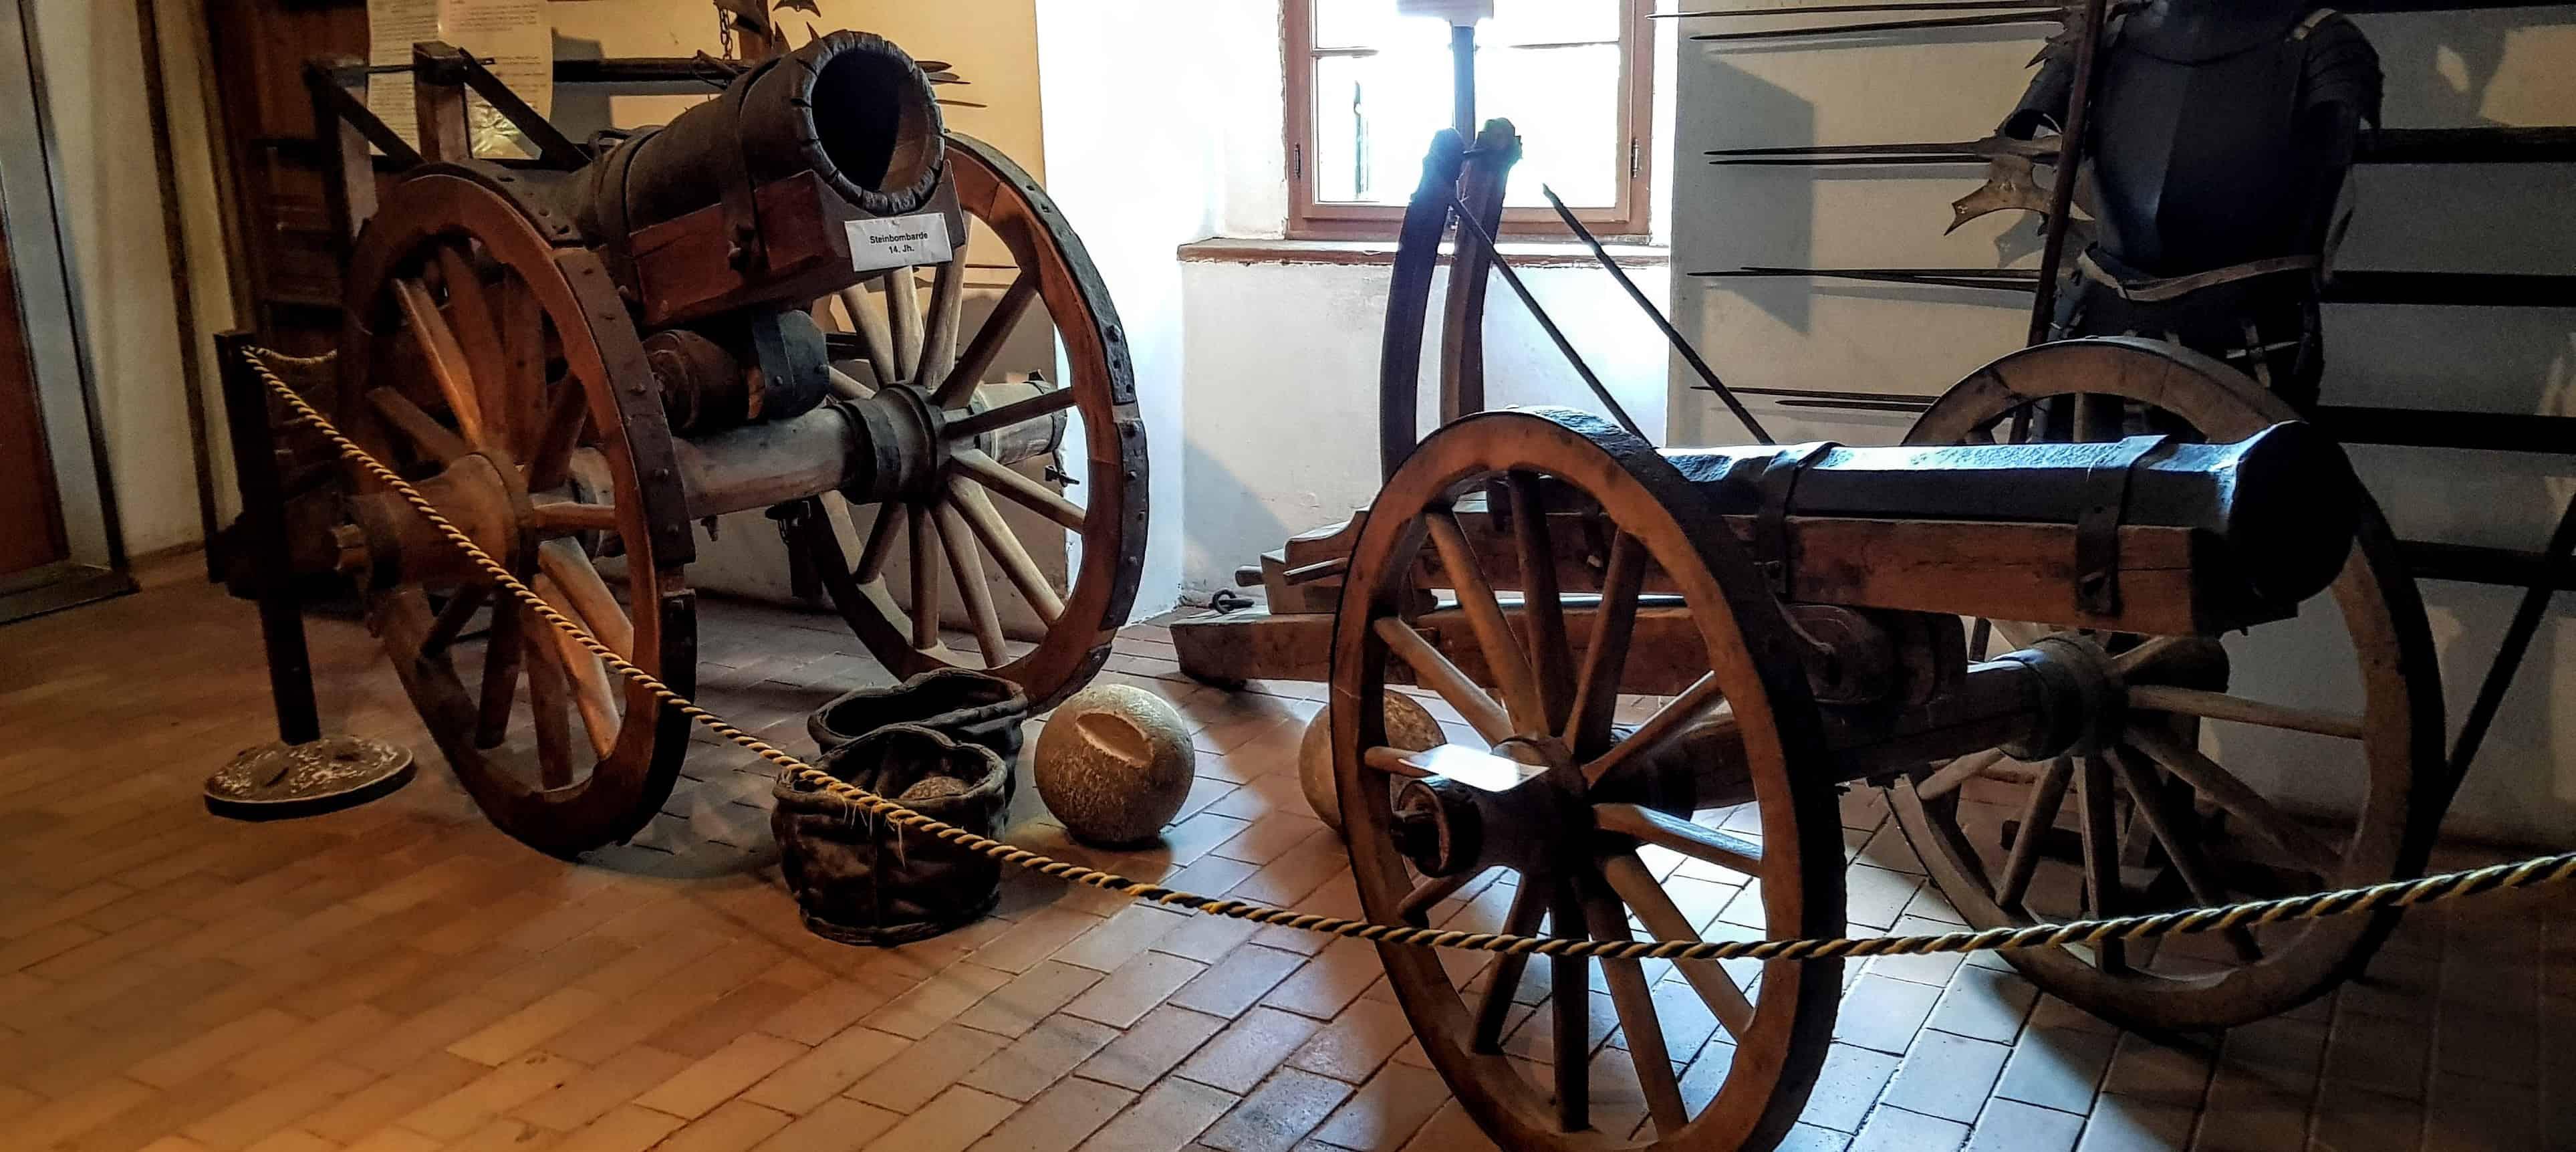 Im Museum Burg Hochosterwitz gibt es ua. alte Waffen und Rüstungen zu besichtigen. Führungen finden täglich statt.